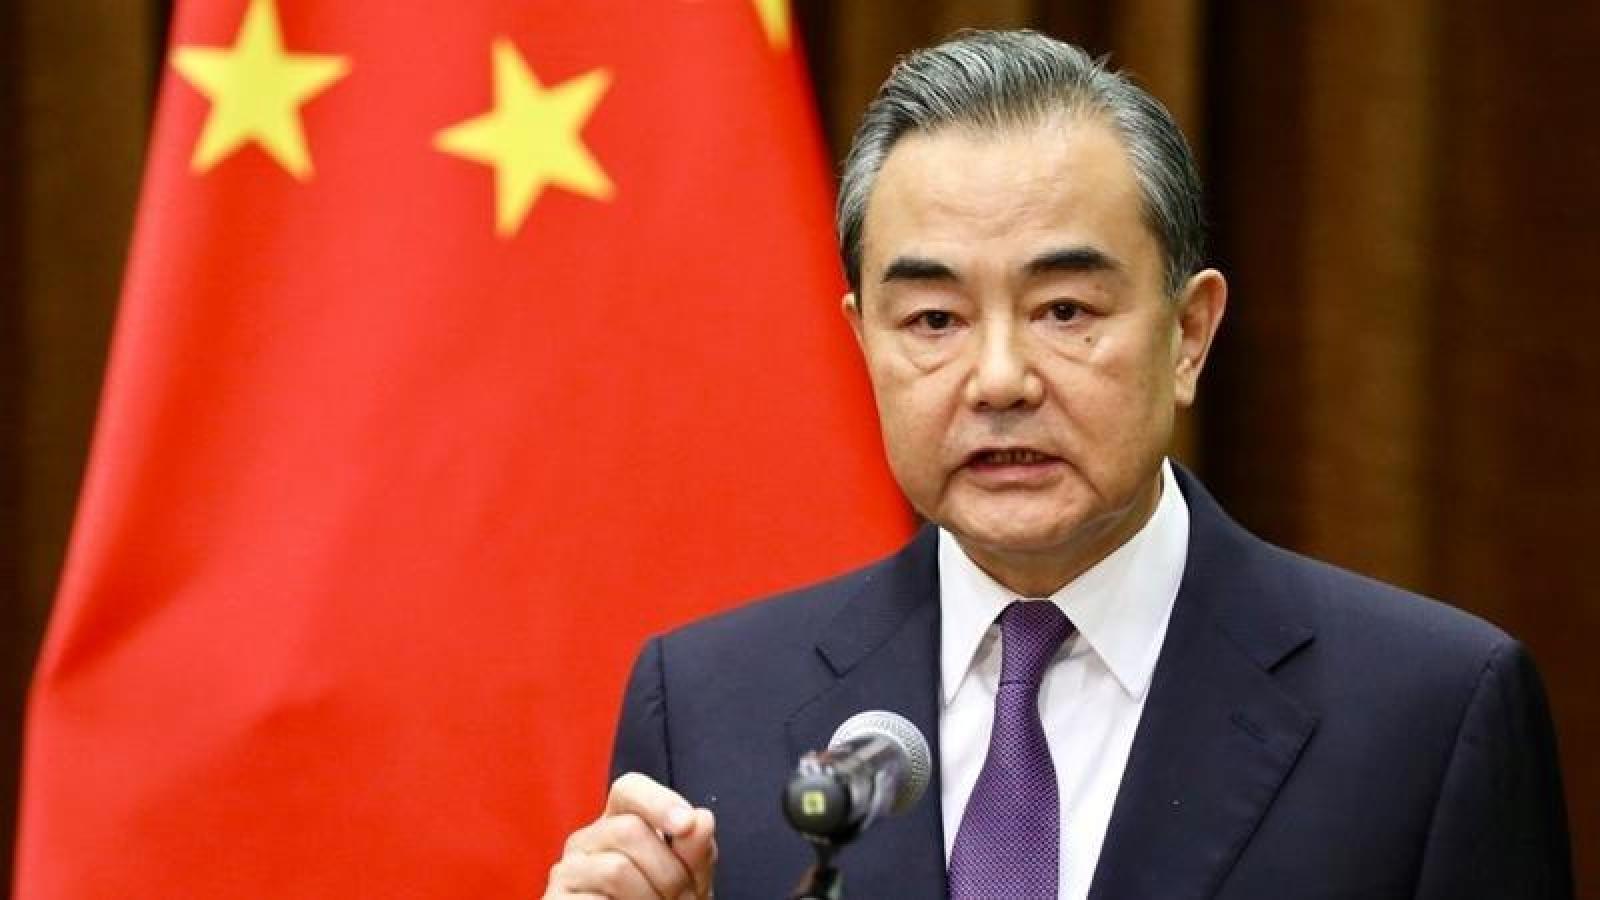 Trung Quốc không đứng về bên nào tại Myanmar